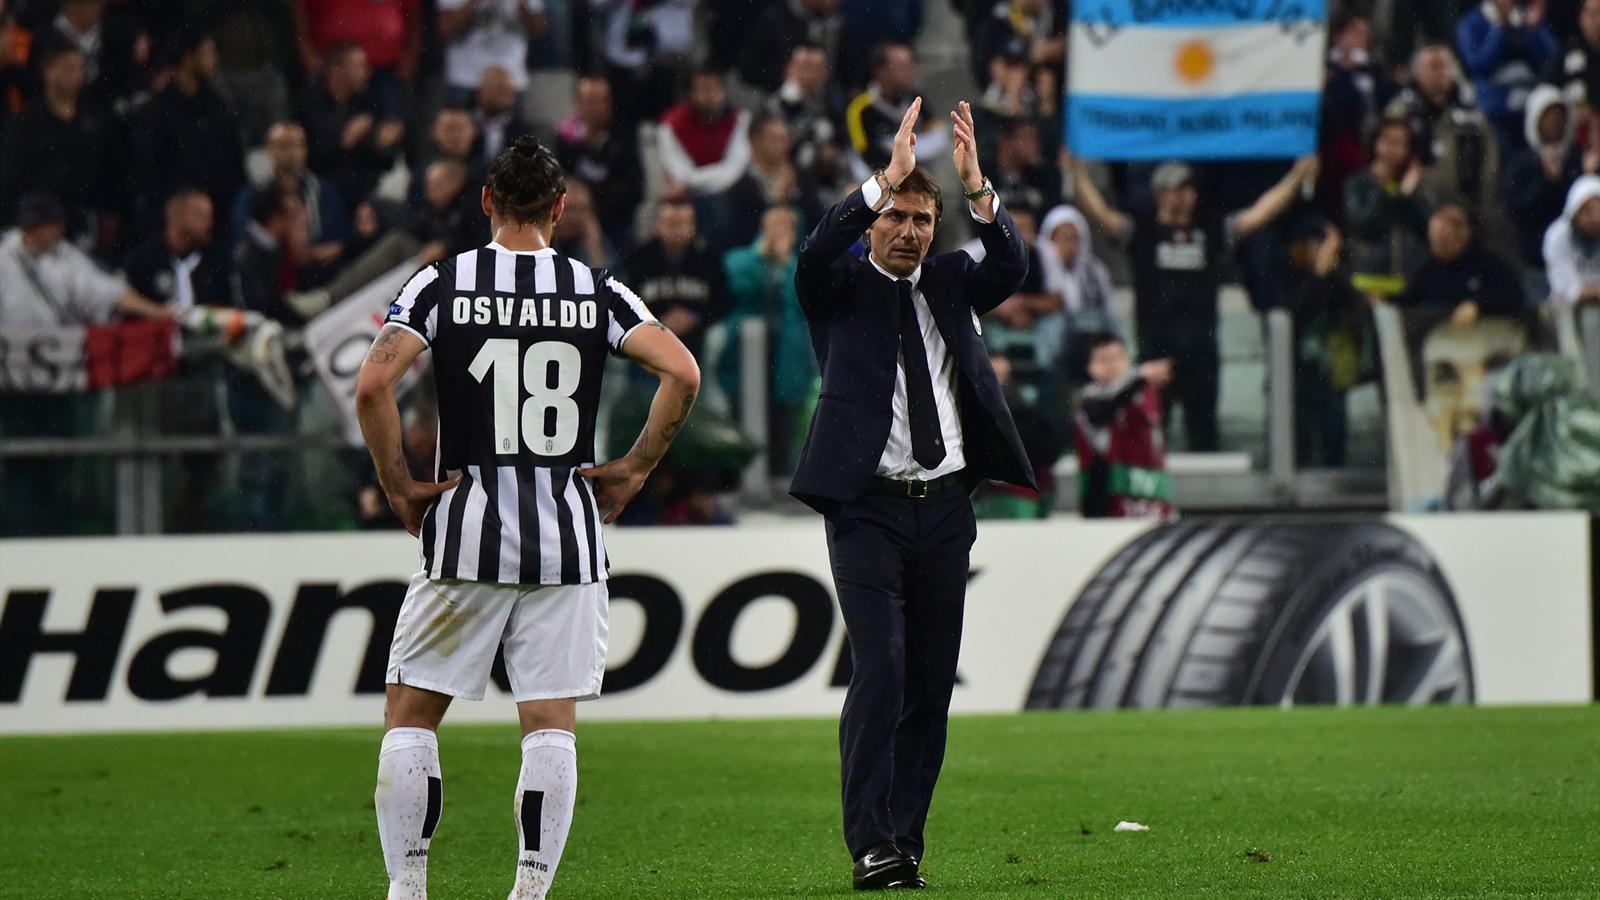 Le topic de la Juventus de Turin, tout sur la vieille dame ! - Page 8 1231301-26281575-1600-900